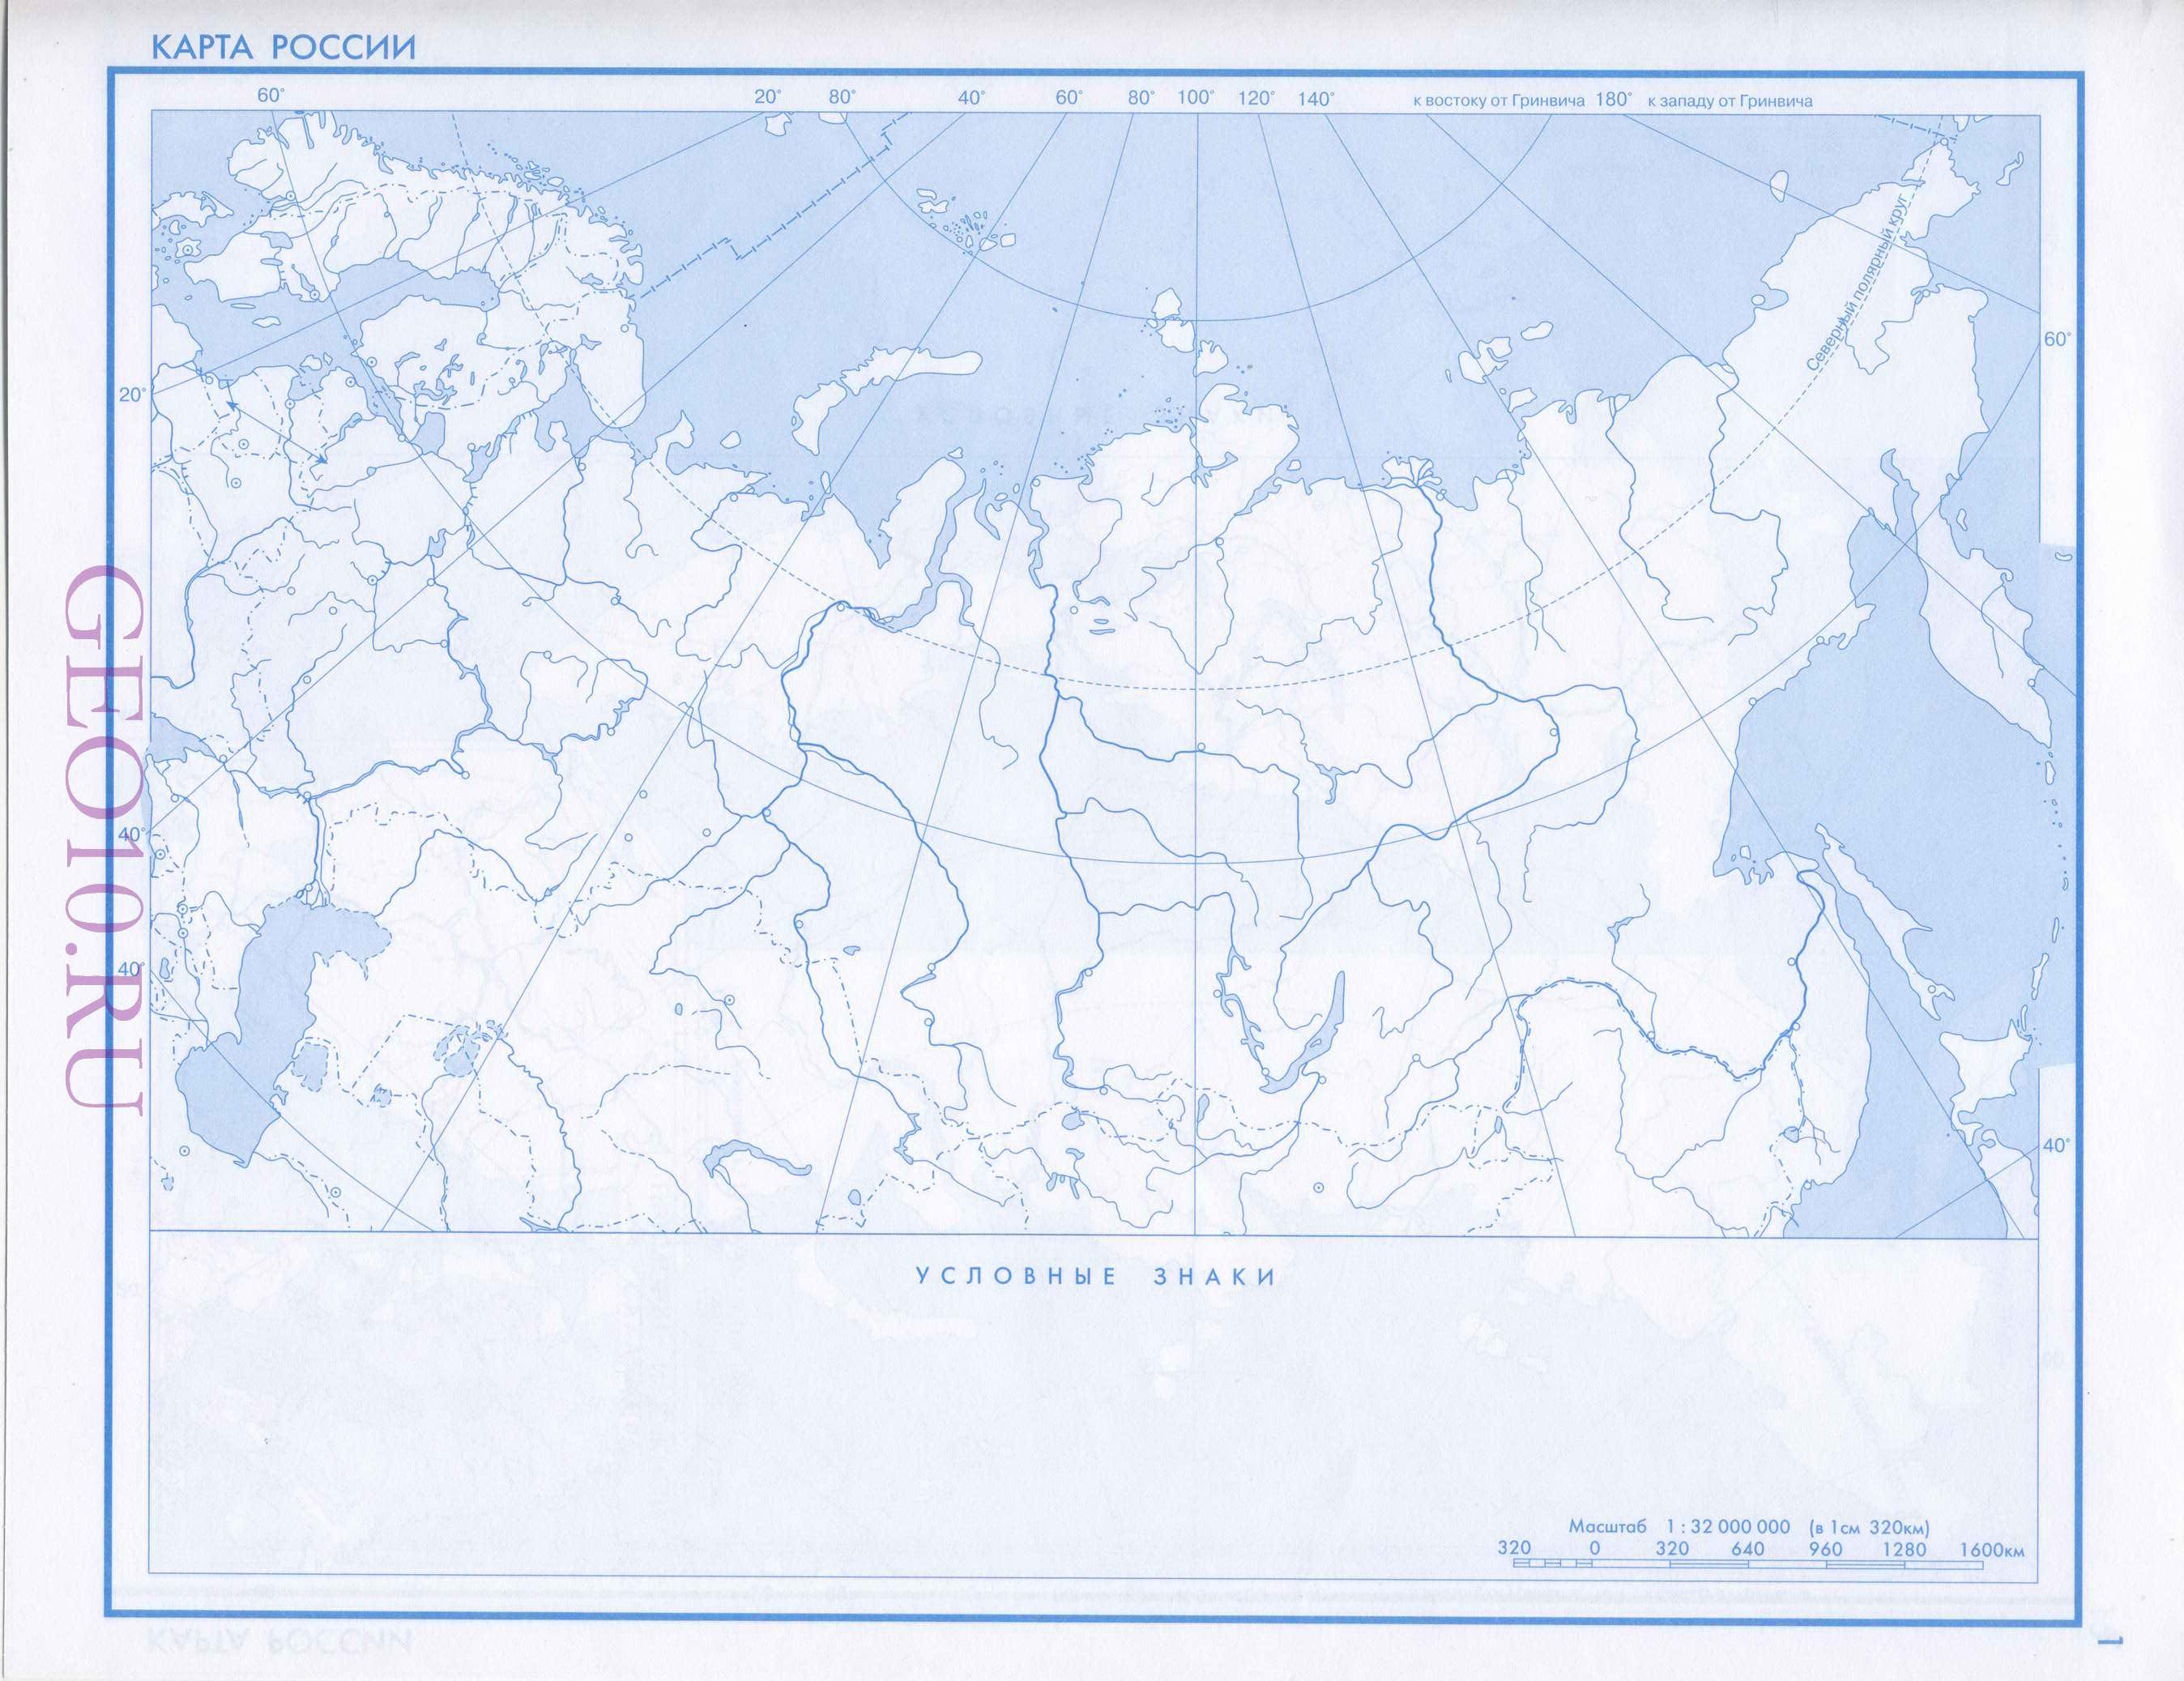 контурная карта россии 2015 года